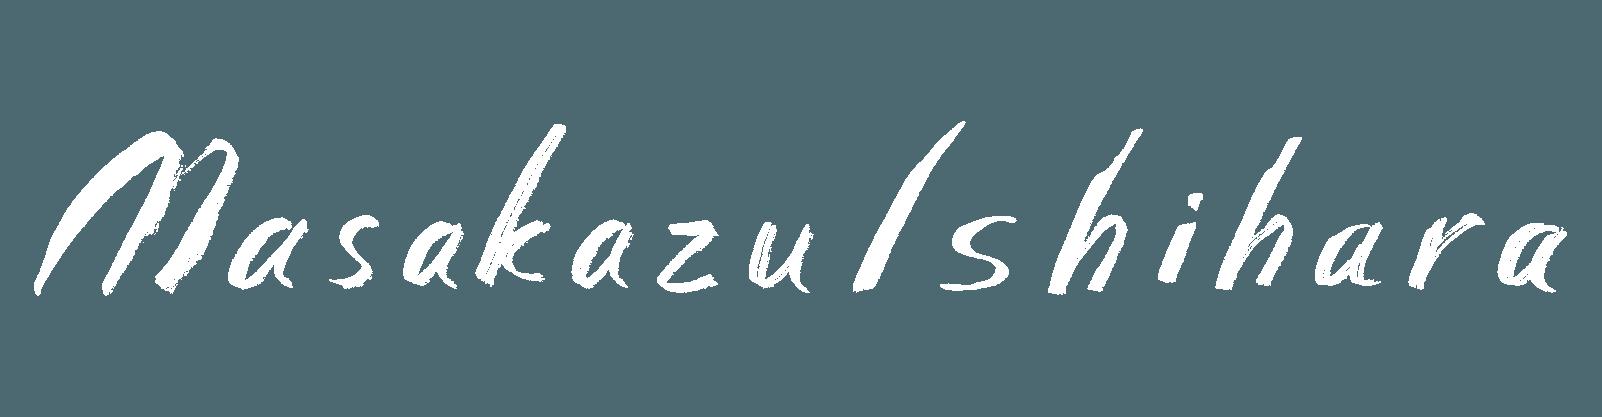 masakazuishihara